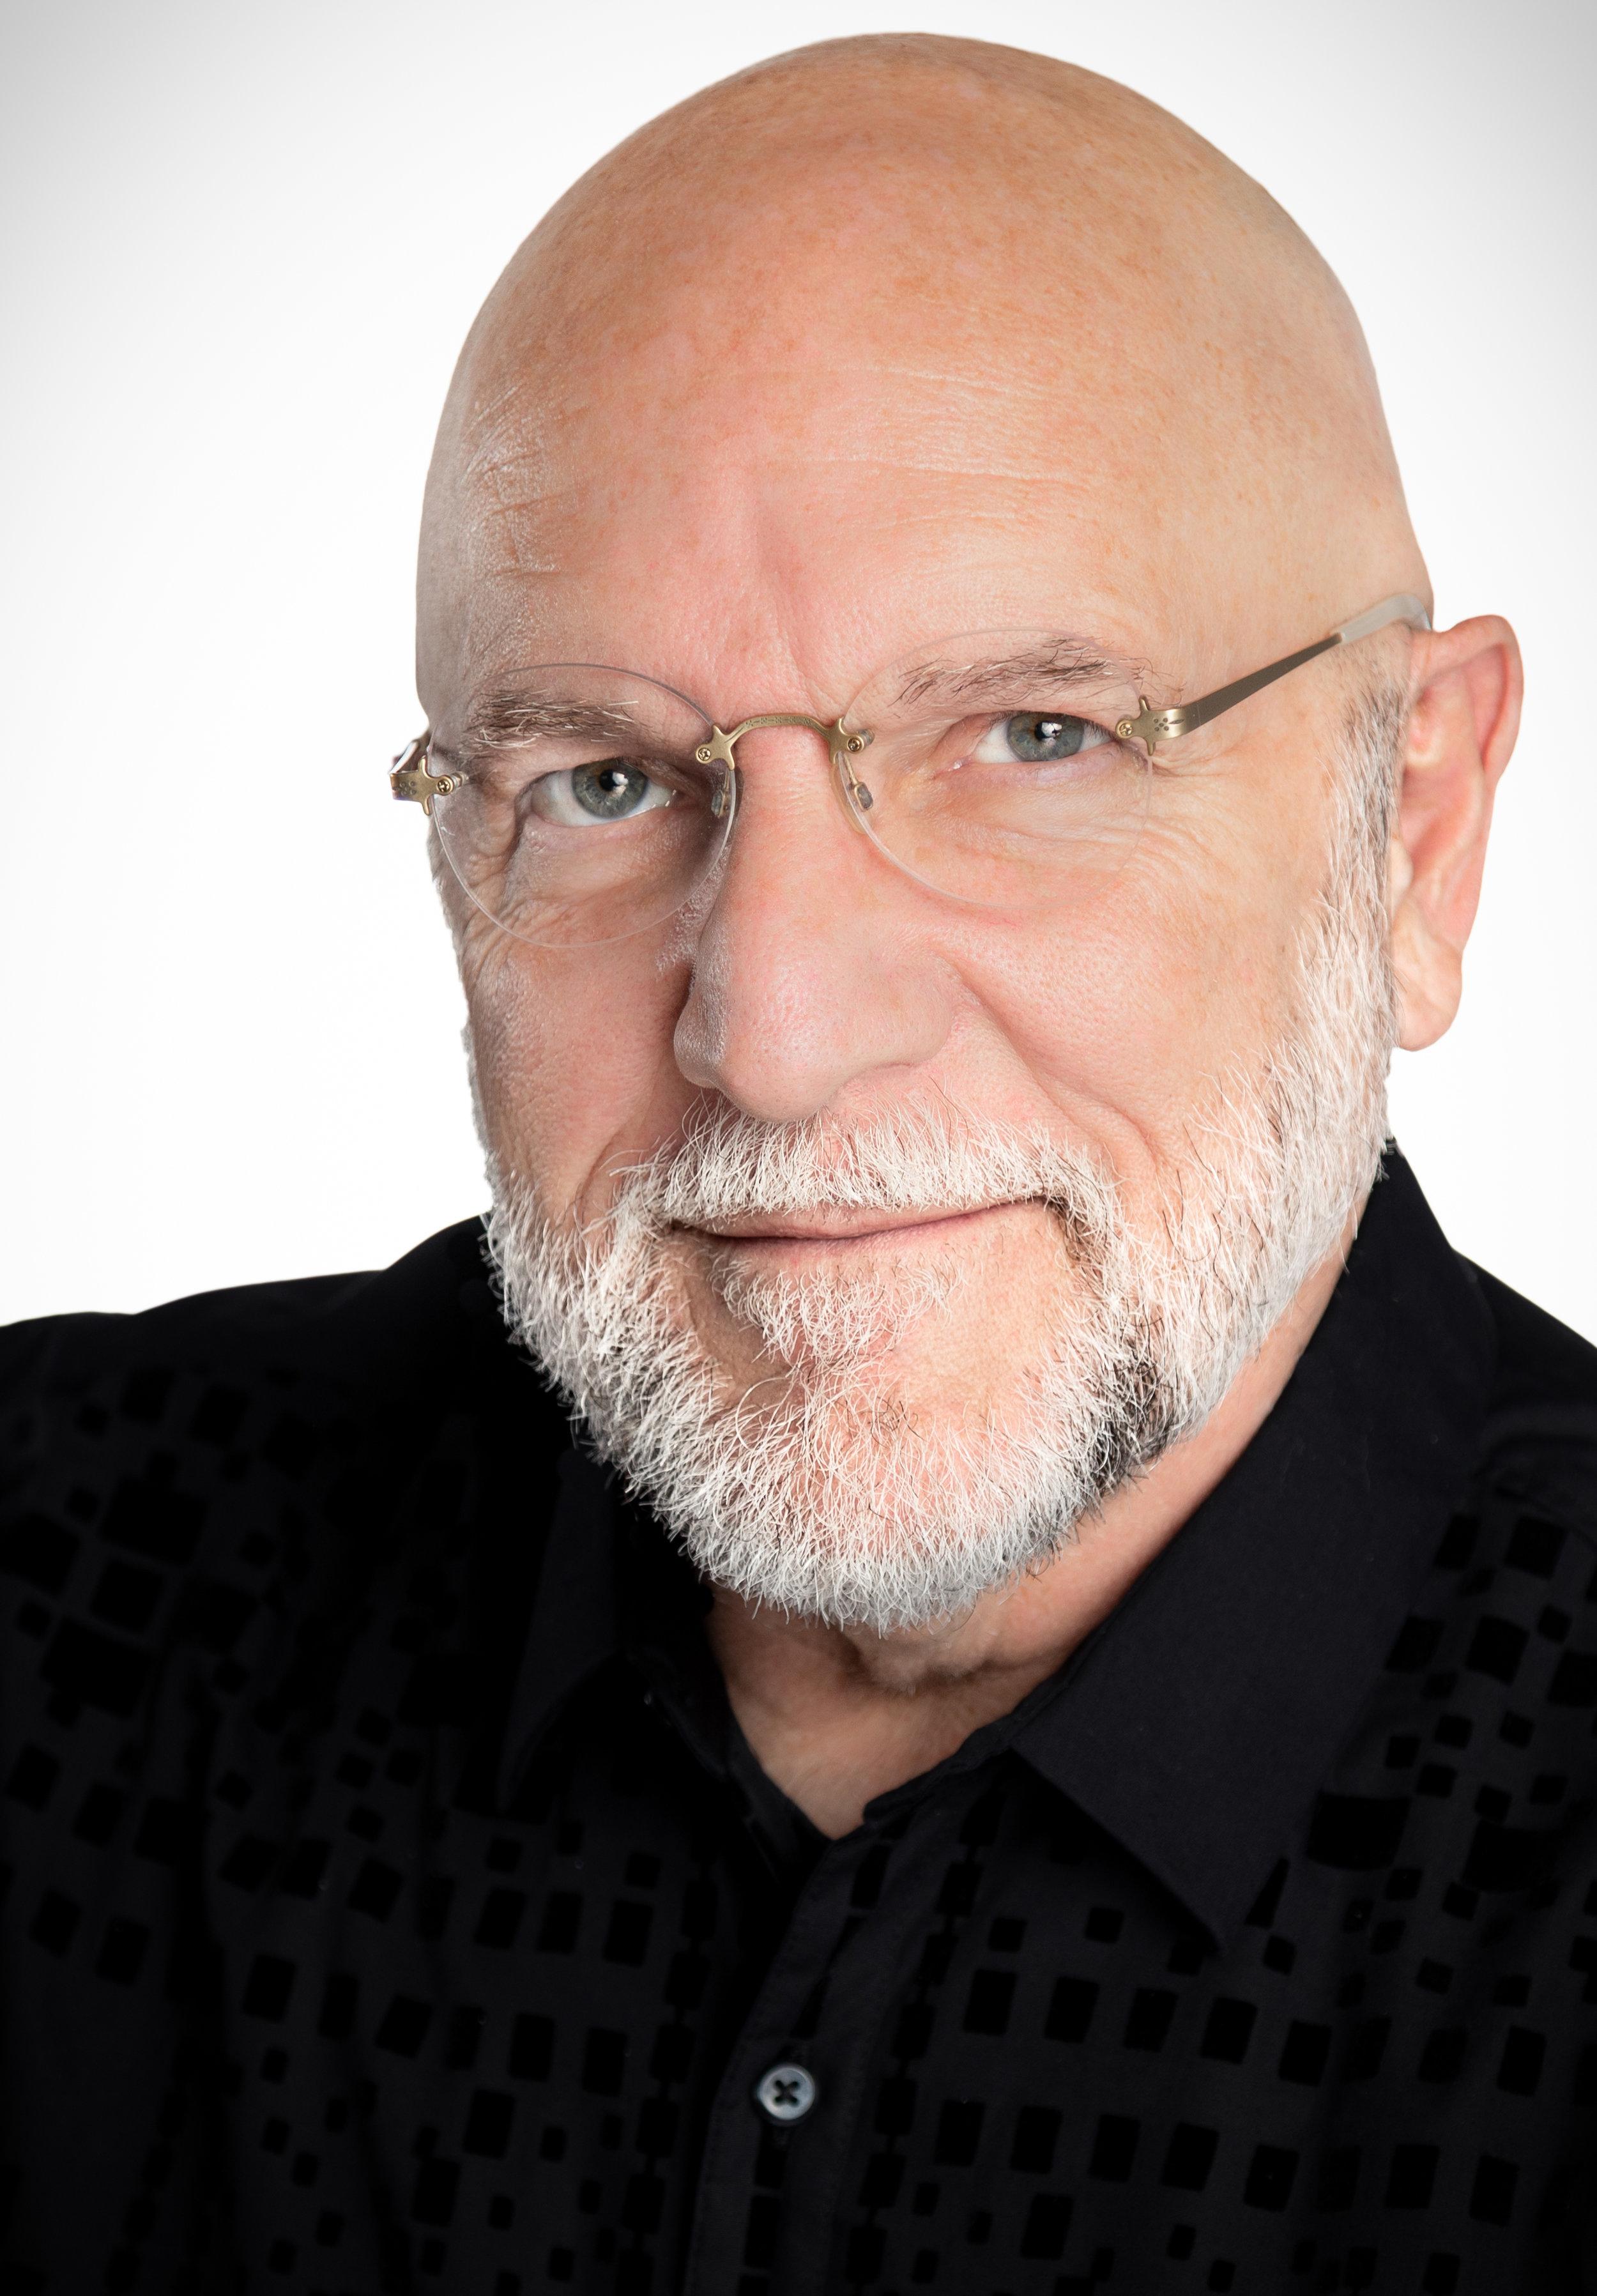 Dr. Tim Seelig , Artistic Director